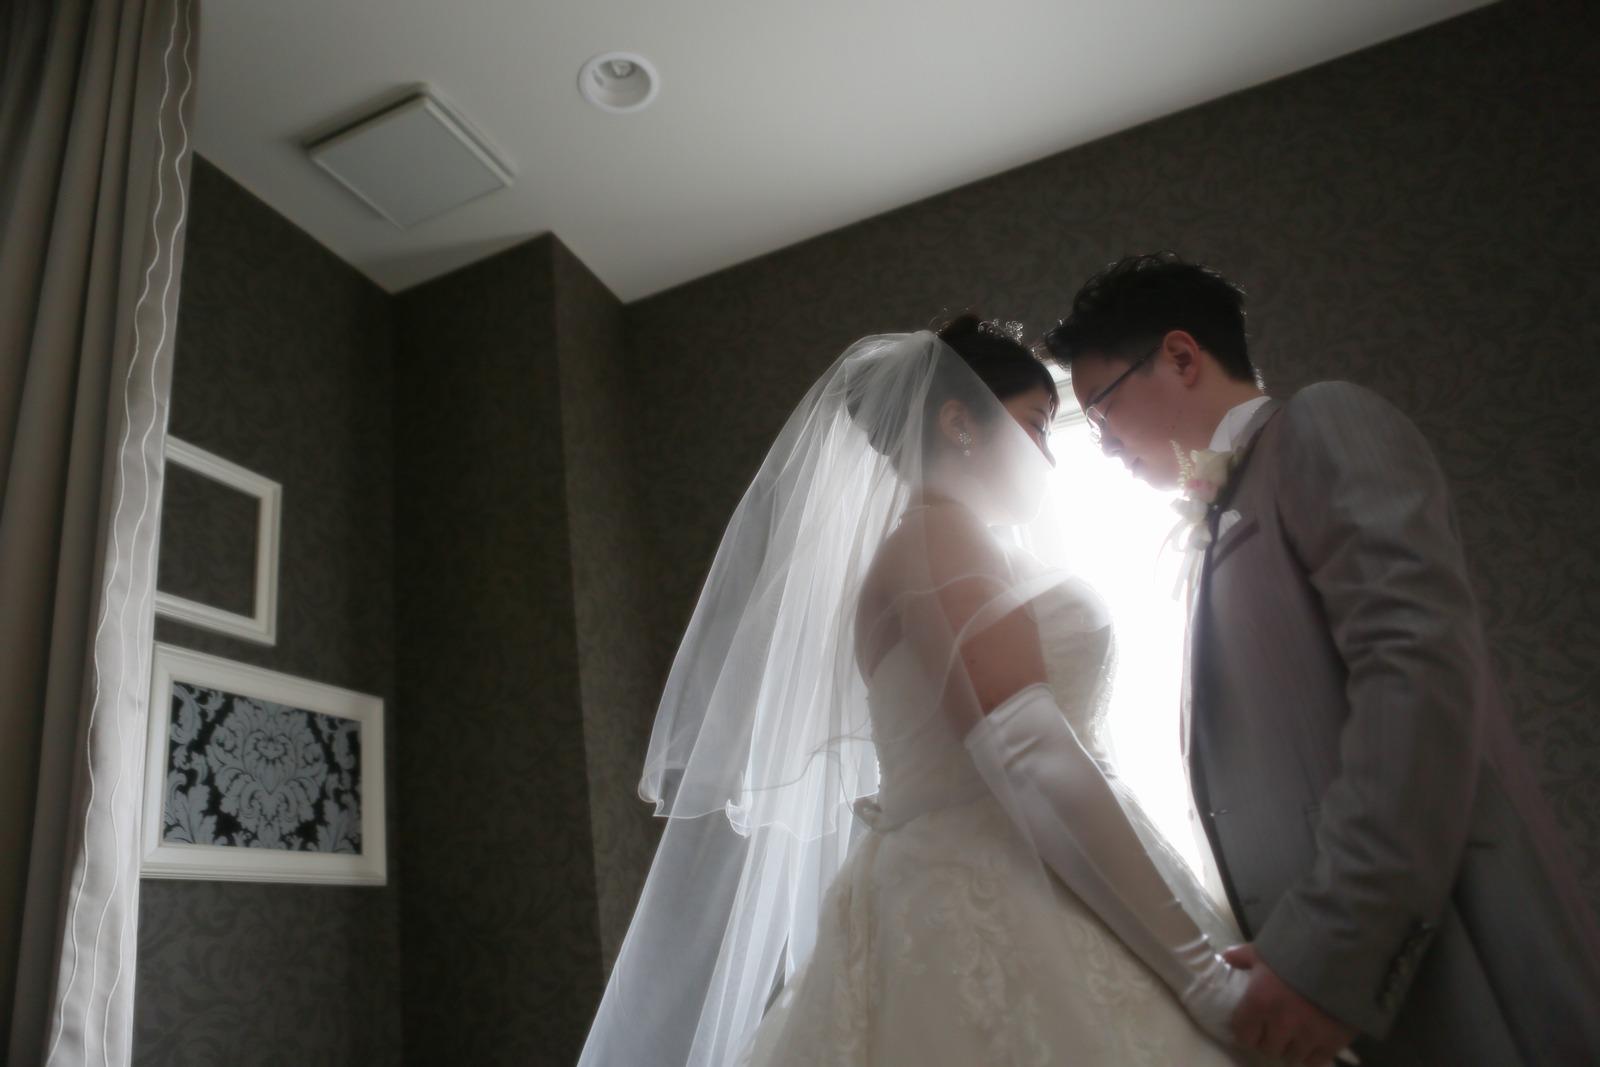 徳島市の結婚式場ブランアンジュで挙式前に写真をとる新郎新婦